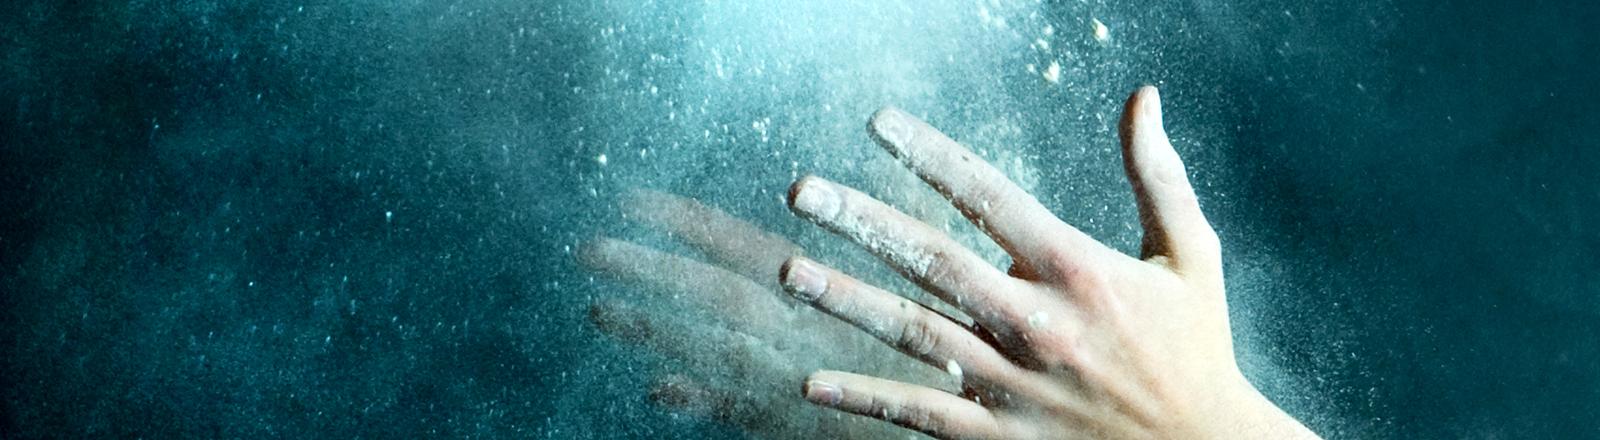 Hande klatschen zusammen, eine Wolke aus Kalk oder Staub